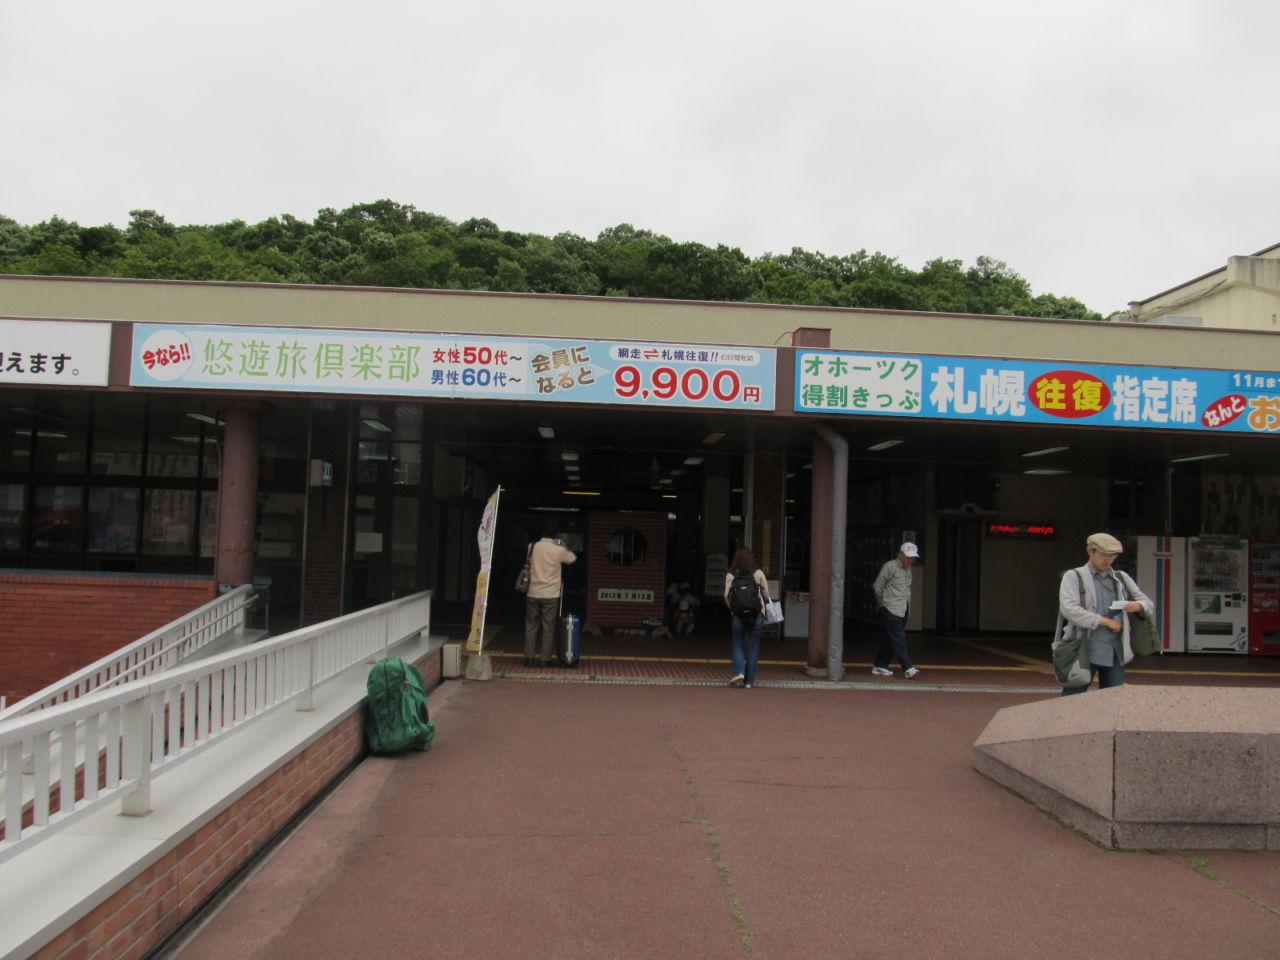 BD-1で行く北海道旅 5日目 その2